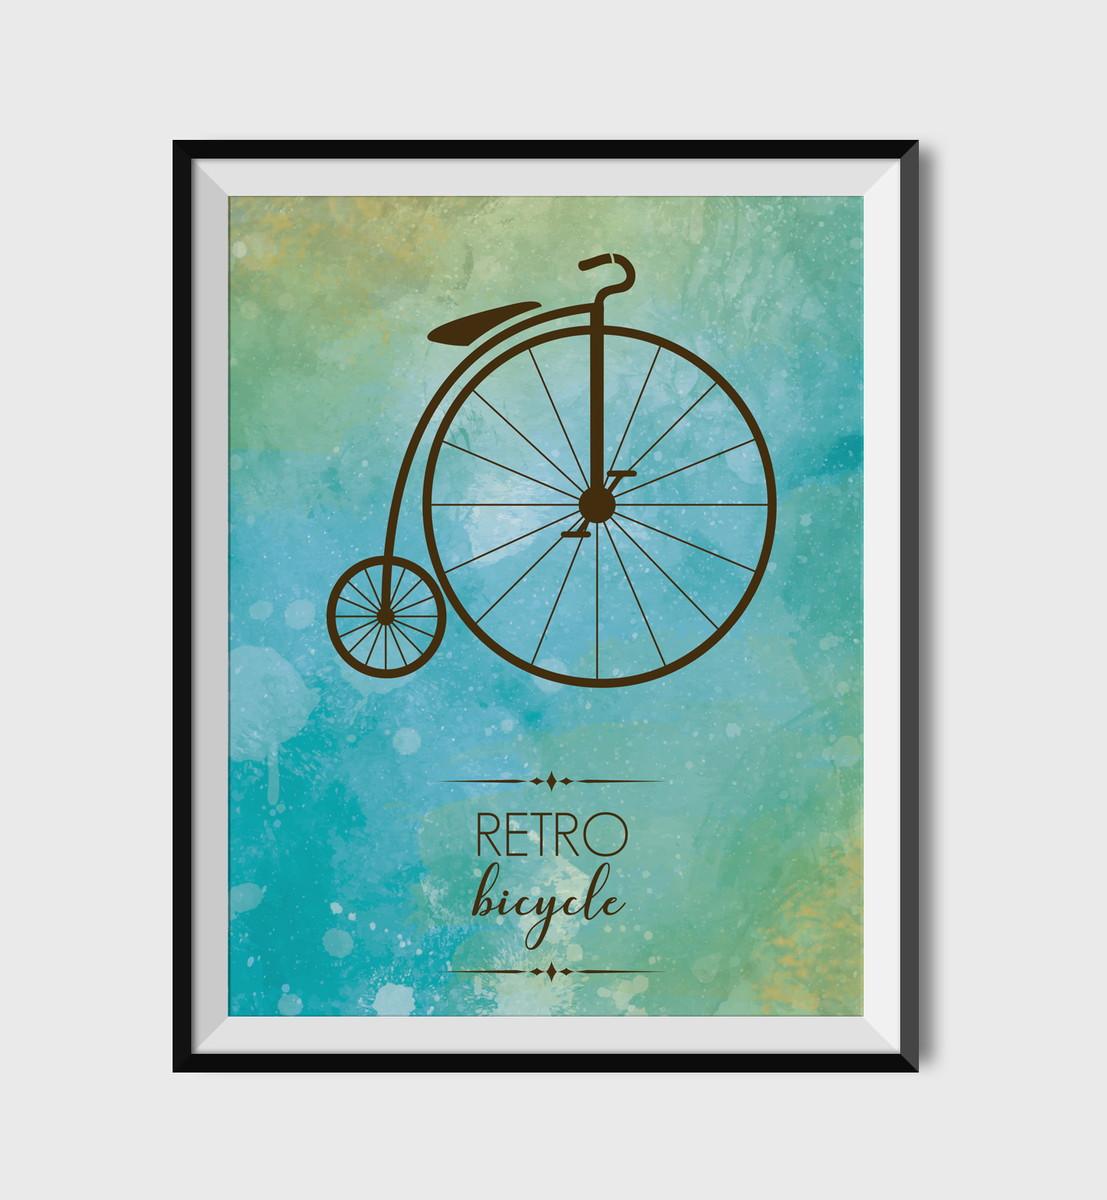 Poster Bicicleta Retro Para Imprimir No Elo7 Par De Ideias